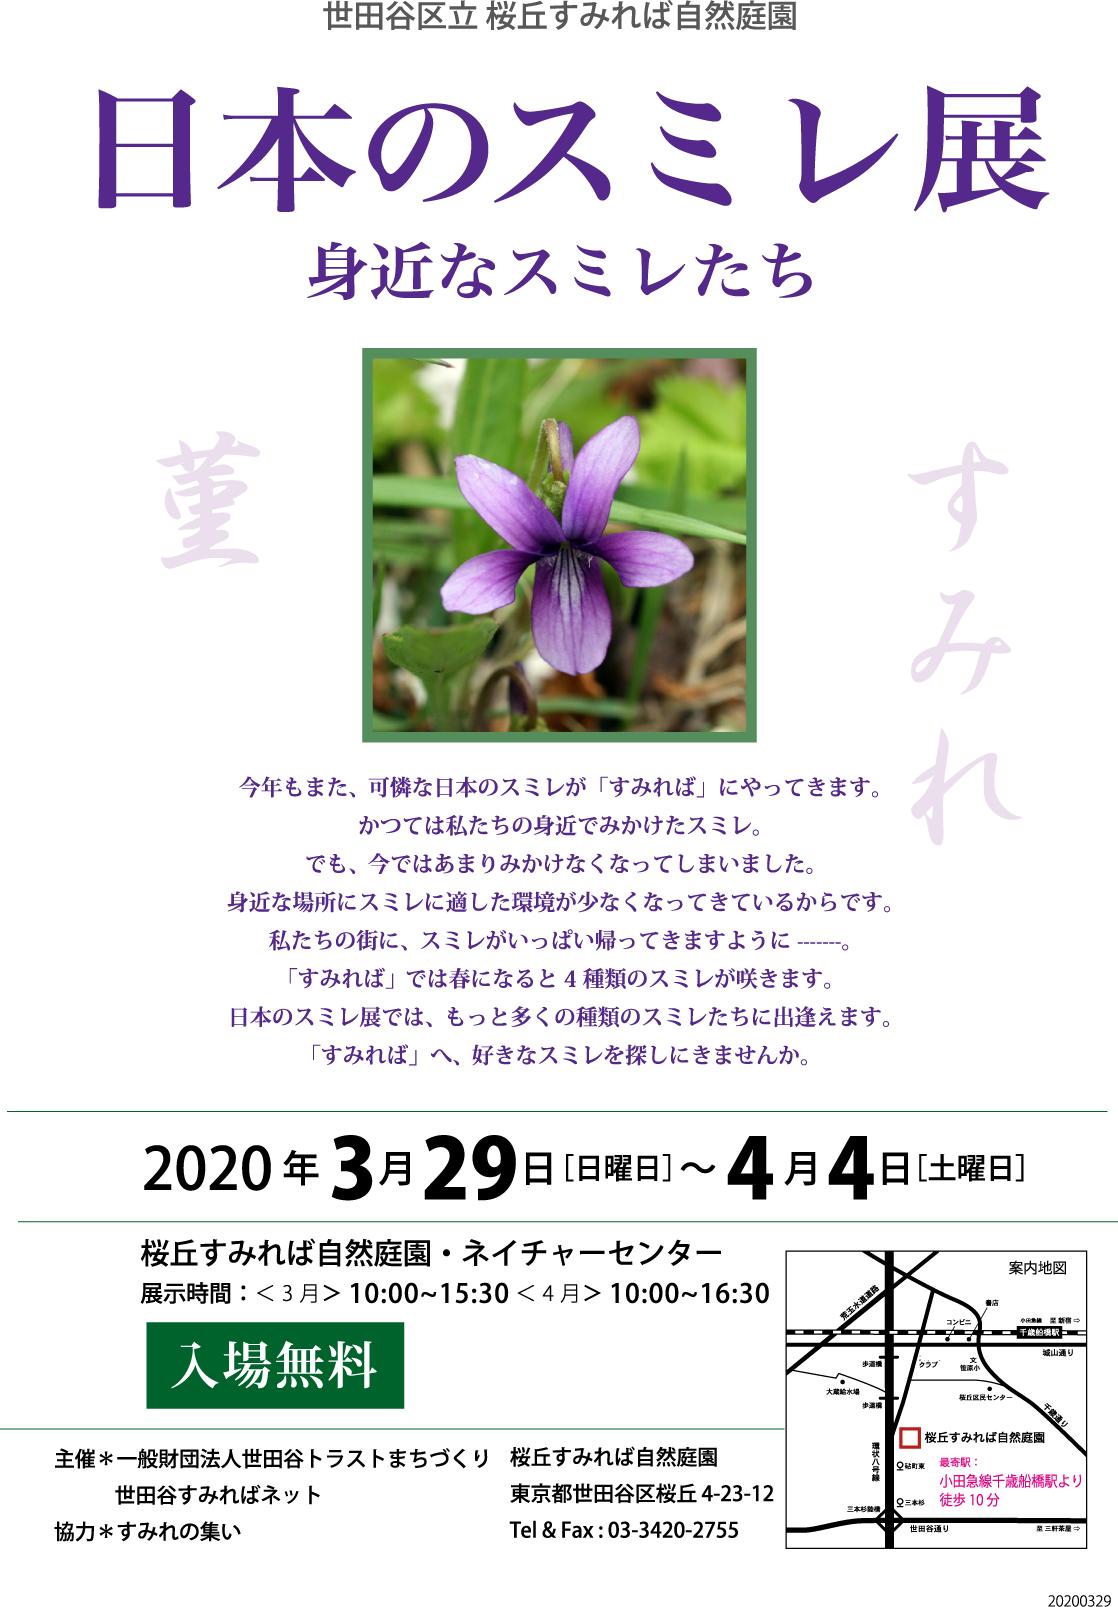 「日本のスミレ展」のお知らせ_b0049307_13274213.png